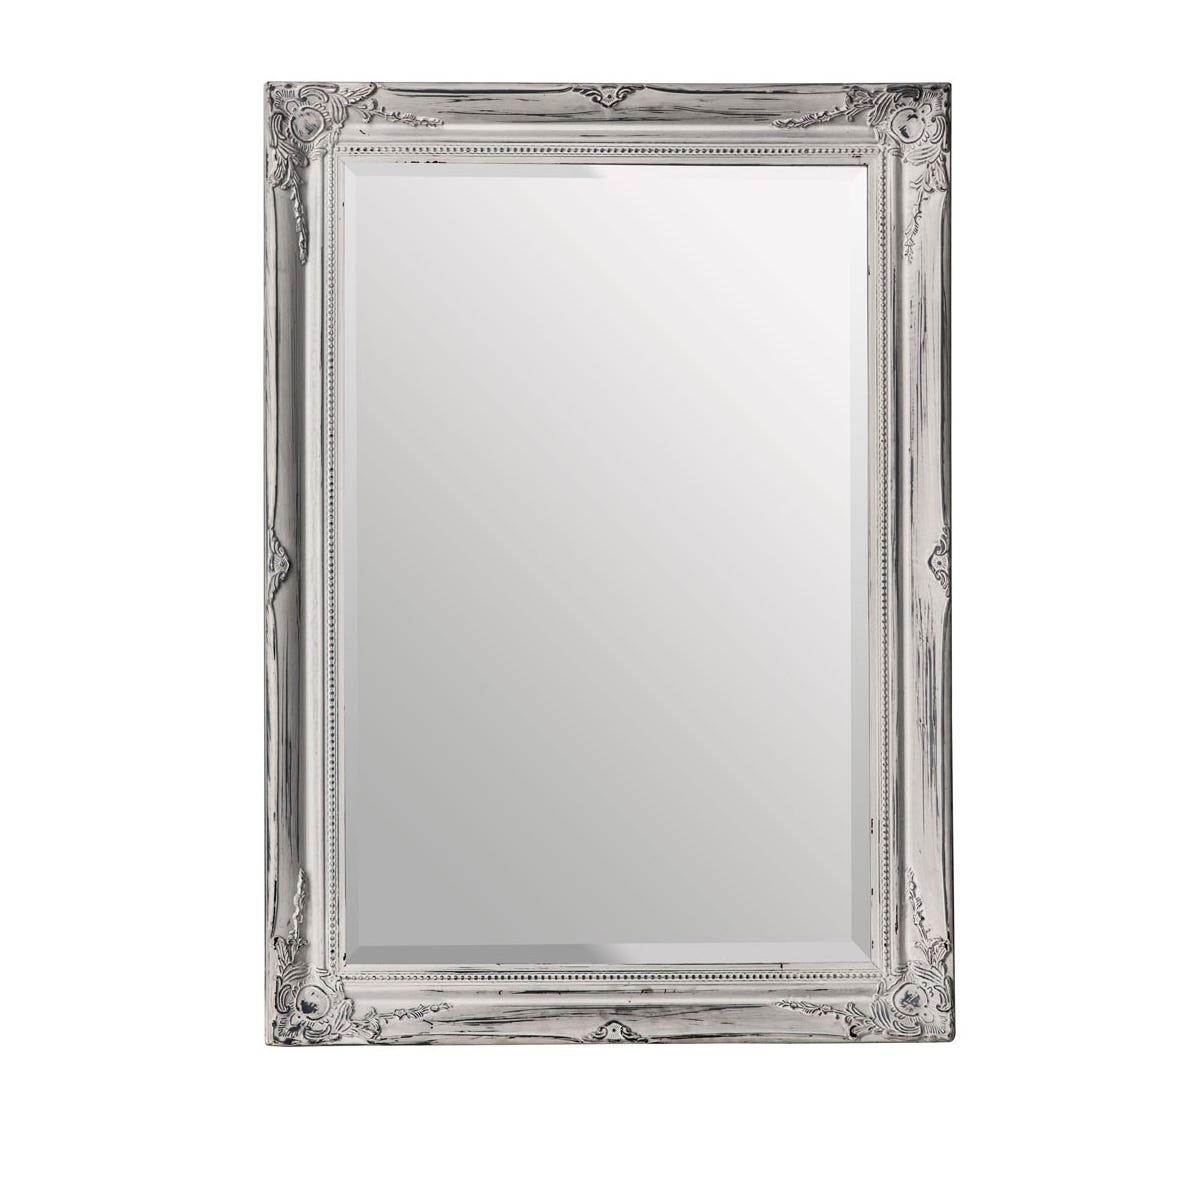 Premier Housewares Distressed Wall Mirror - White